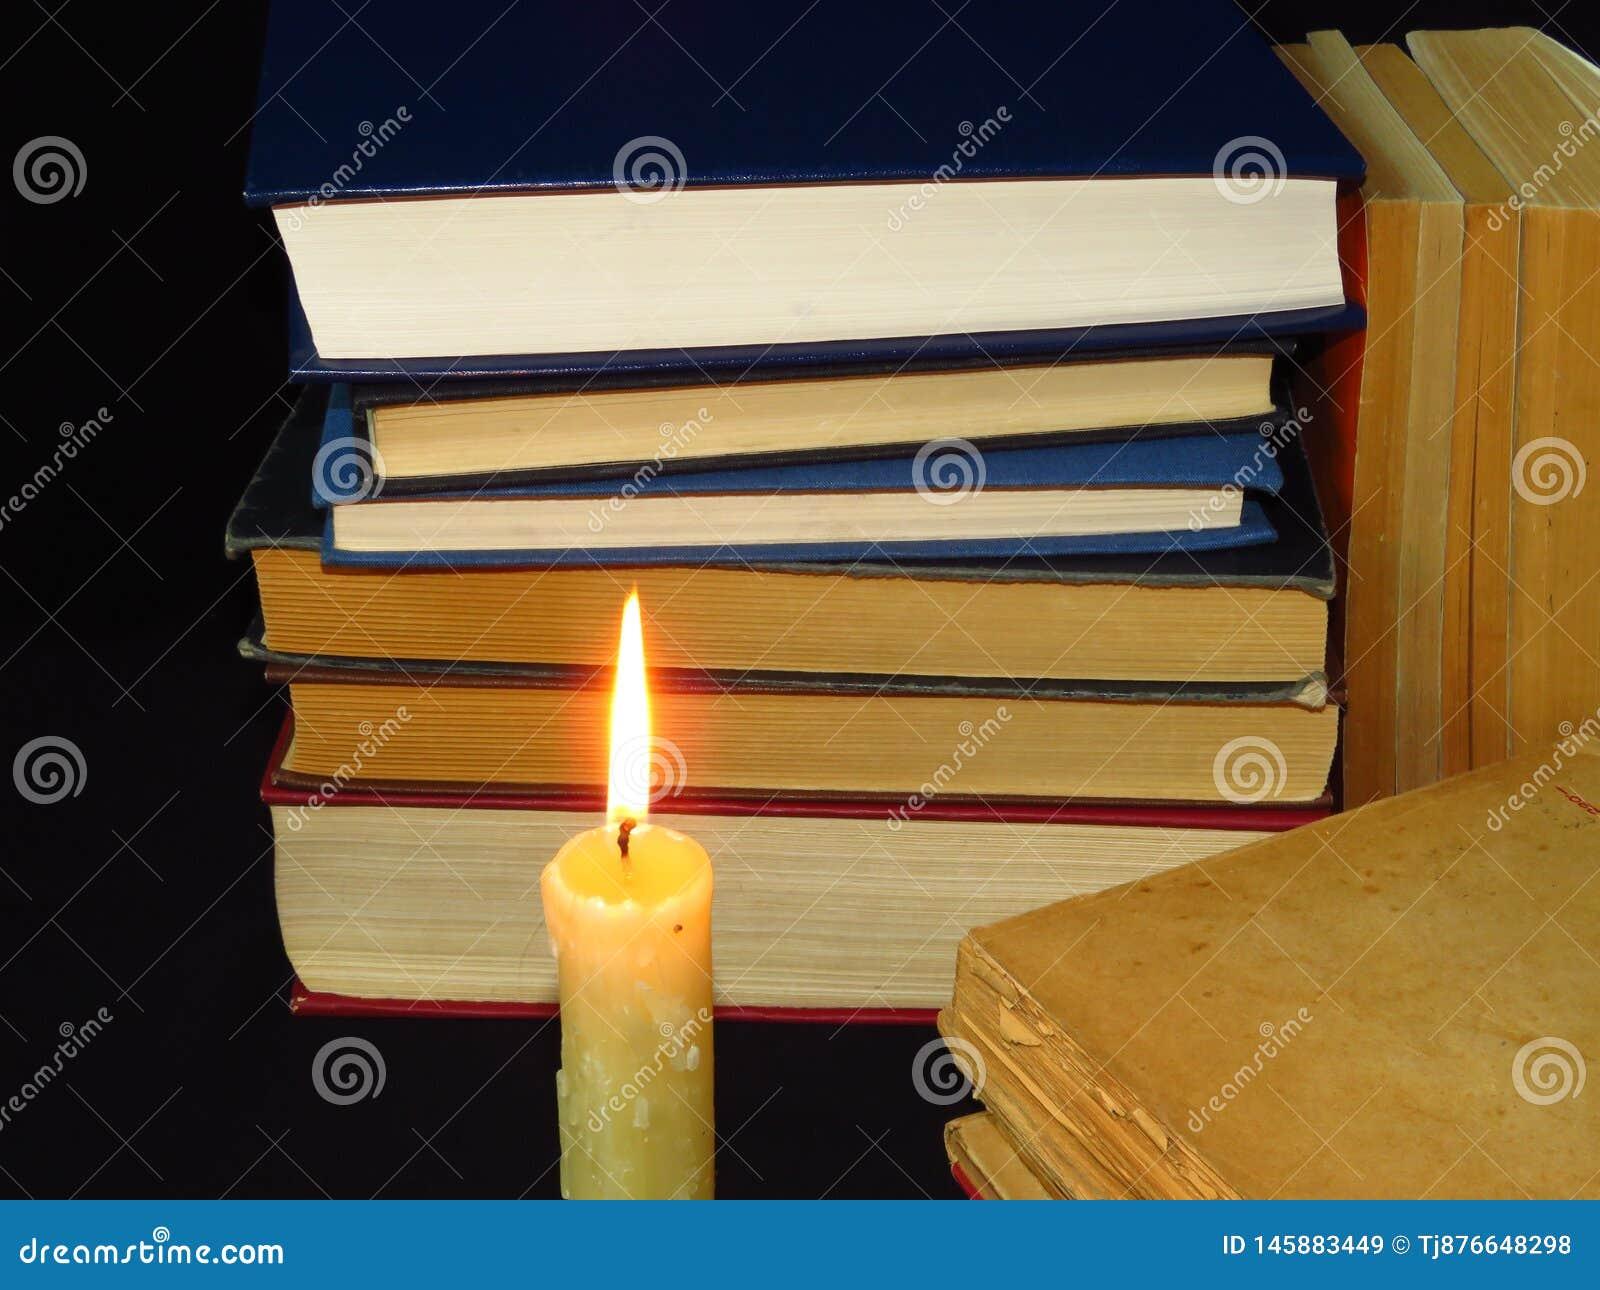 Старые книги штабелированные в куче и горящей свече Образование, знание, привычки чтения, бумага, библиотека, свет, пламя, тайна